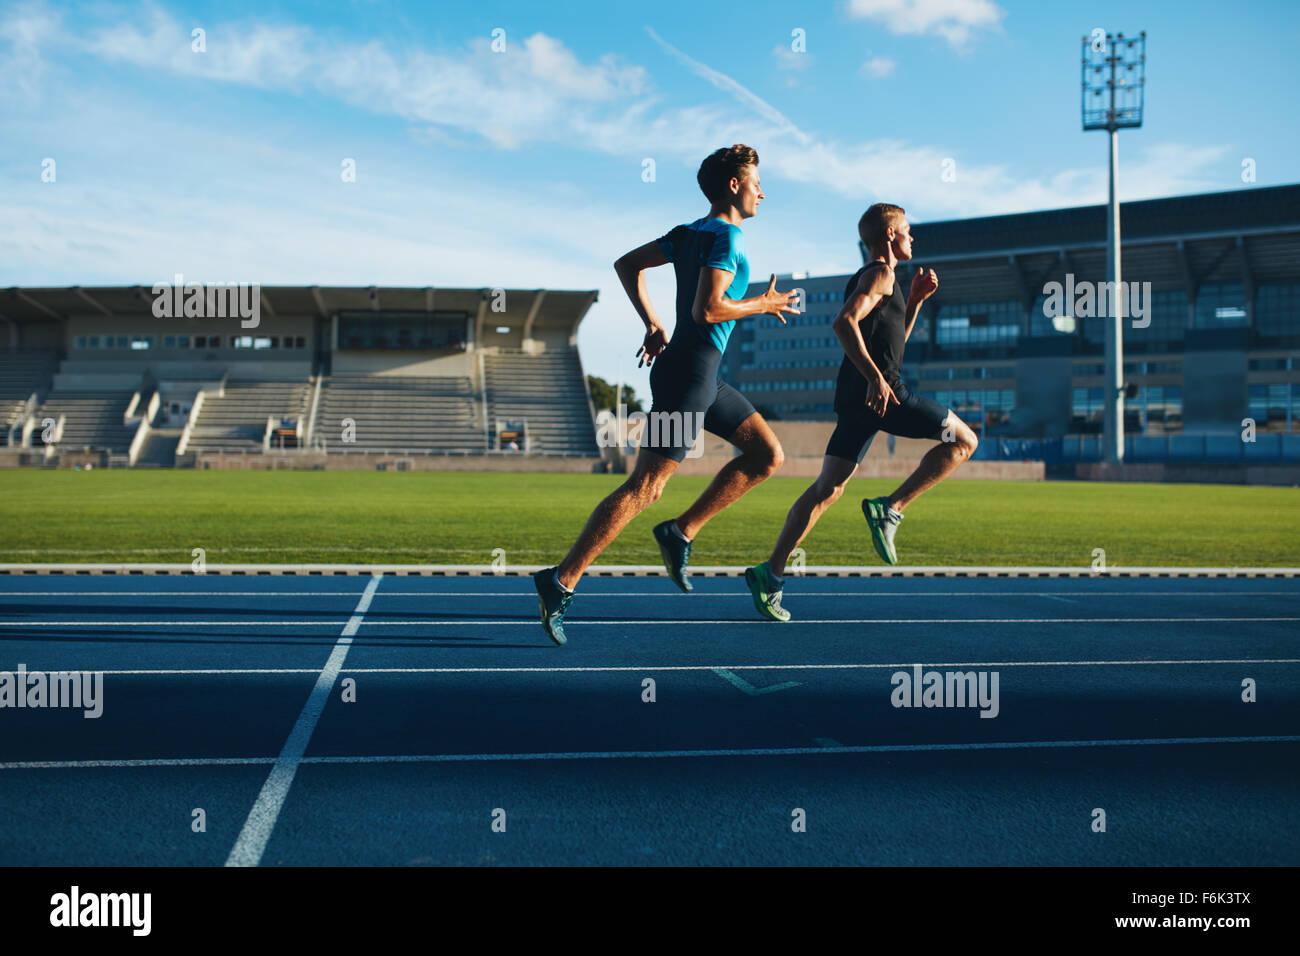 Zwei junge Männer, die auf der Rennstrecke. Männliche Profi-Athleten laufen auf Leichtathletik Rennen verfolgen. Stockfoto